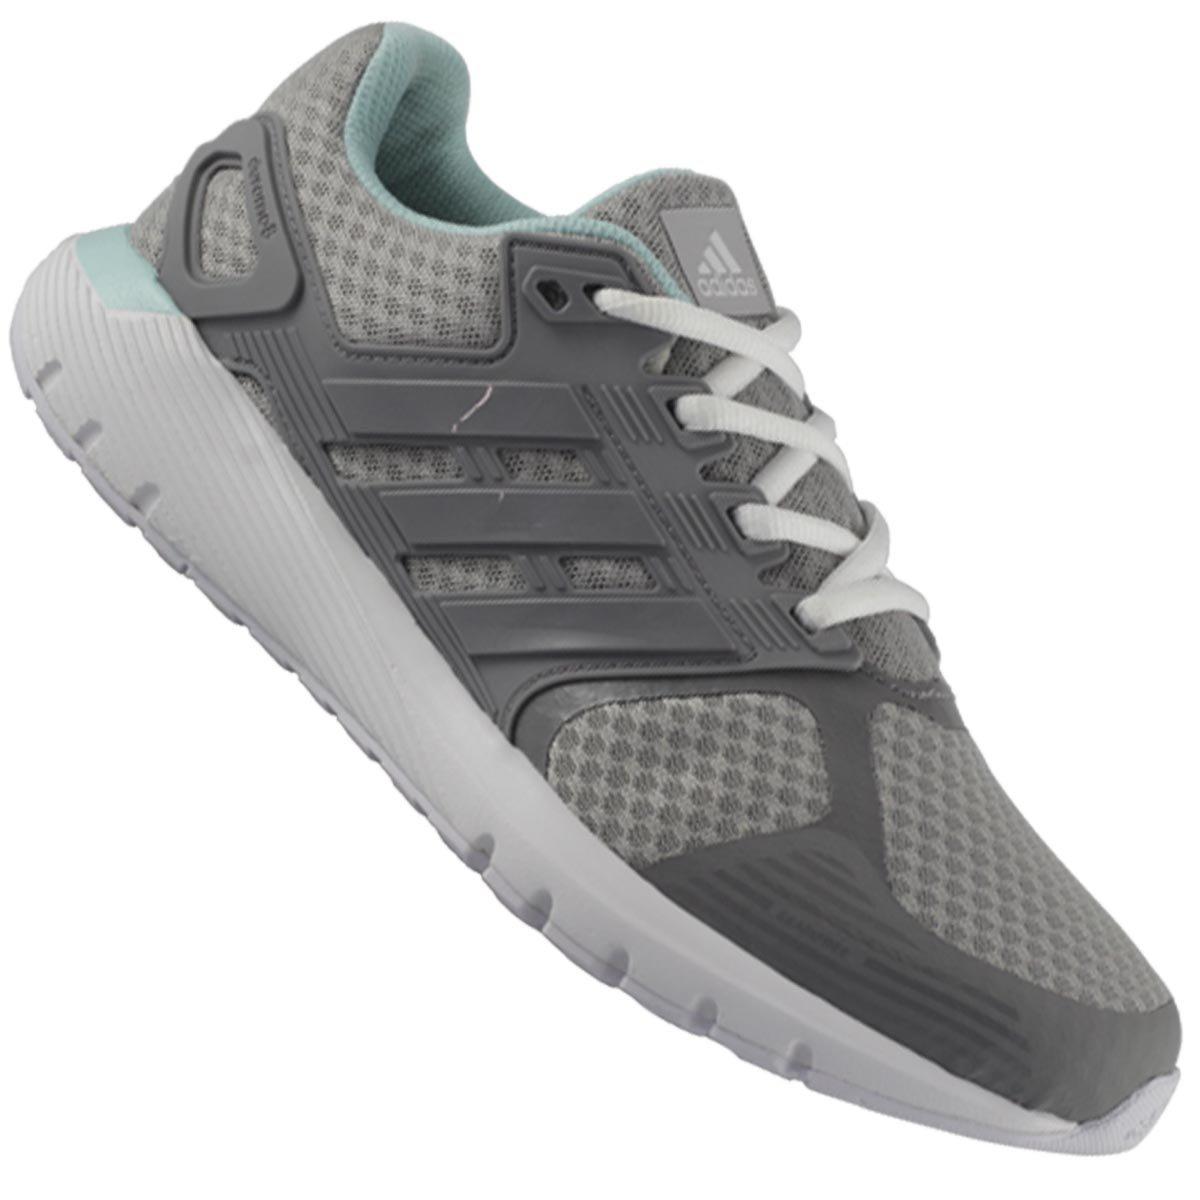 Tênis Adidas Duramo 8 Feminino  11b32e077e85c